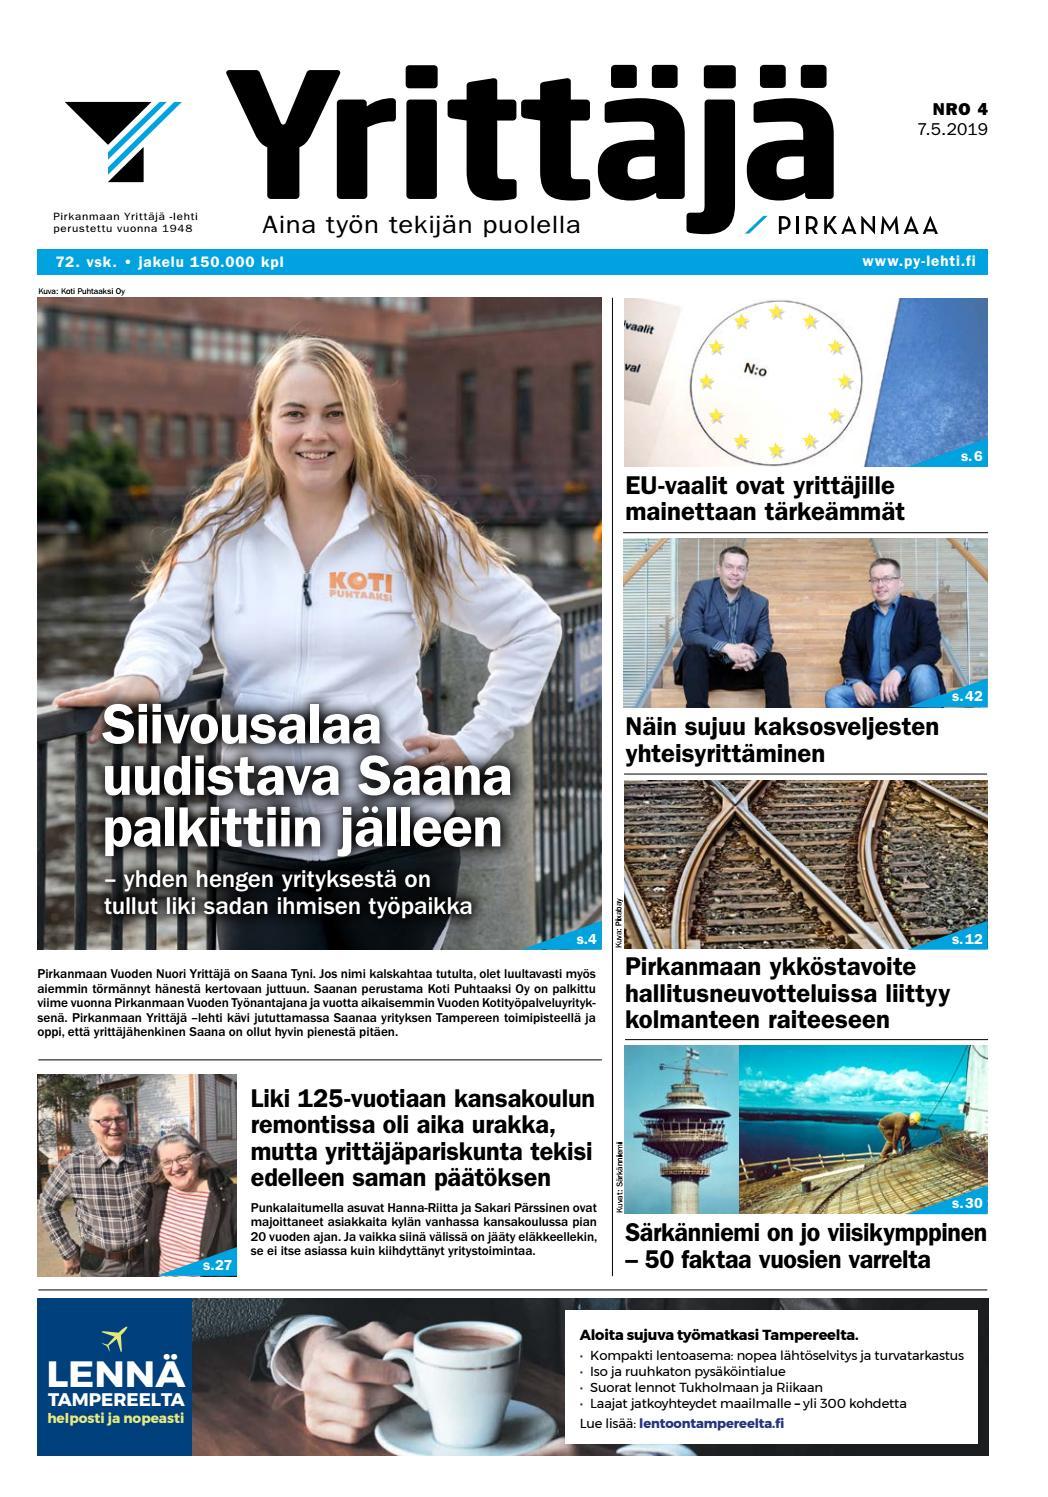 8f60c19f760 Pirkanmaan Yrittäjä -lehti 4/2019 by Pirkanmaan Yrittäjät - issuu